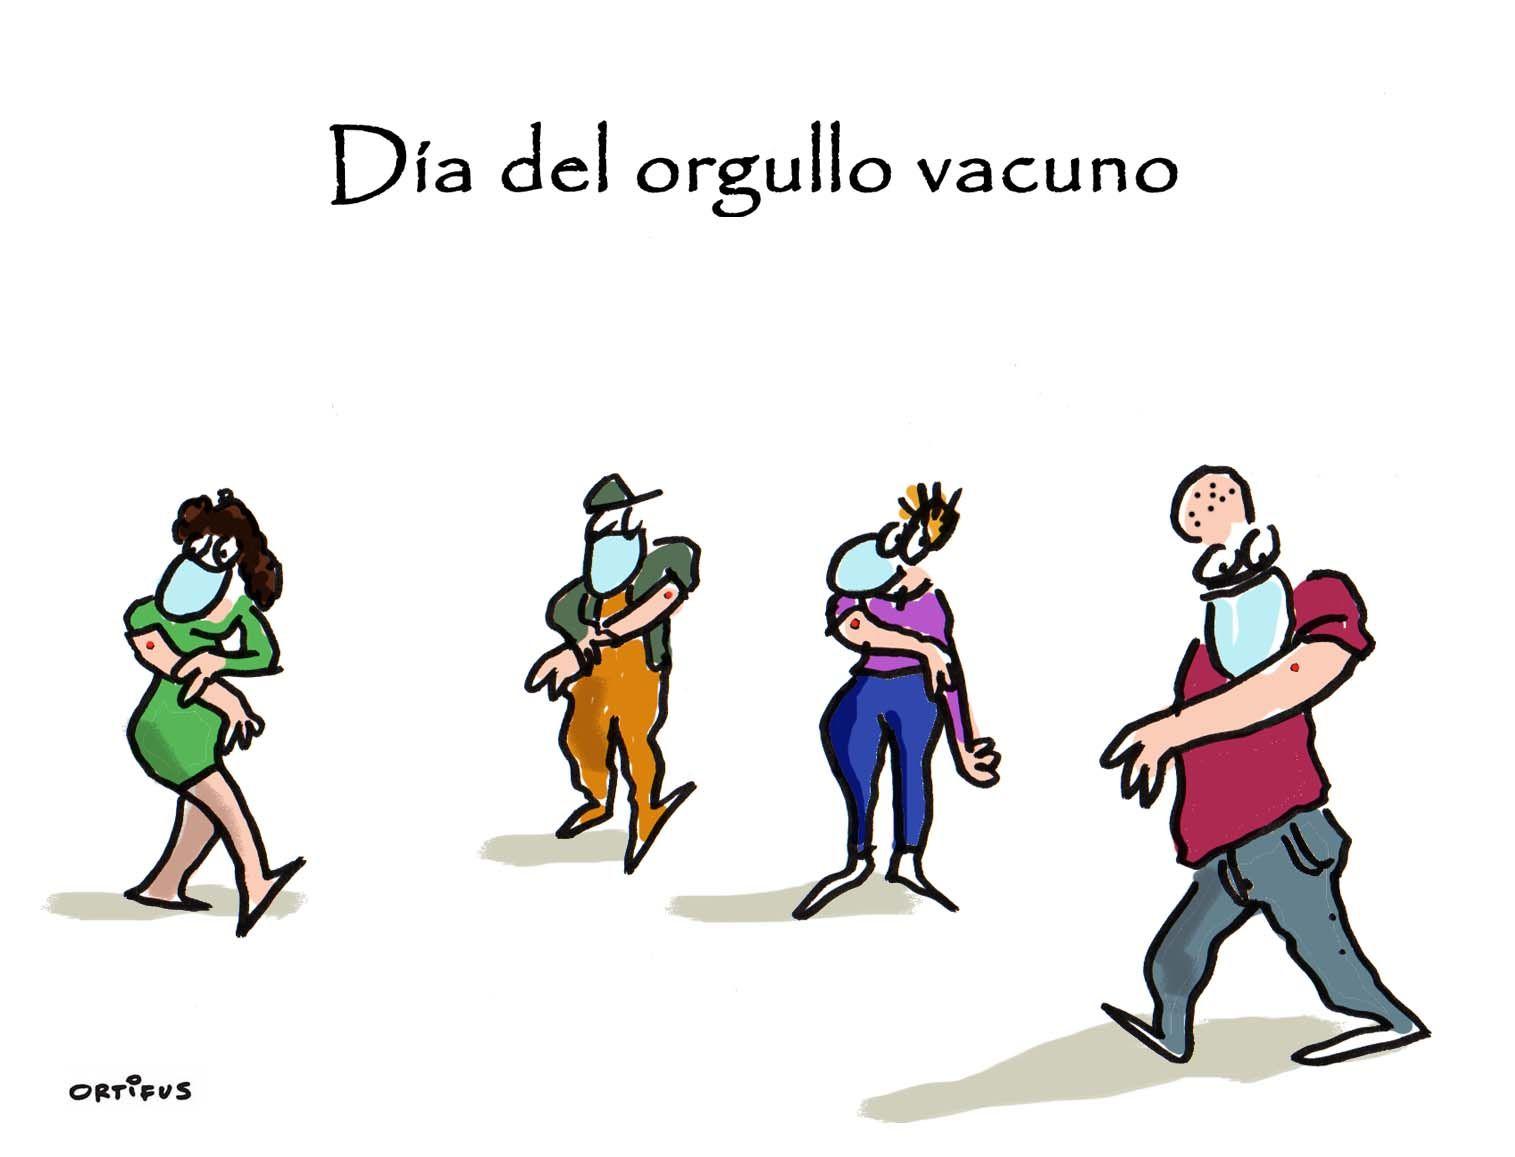 Día del orgullo vacuno